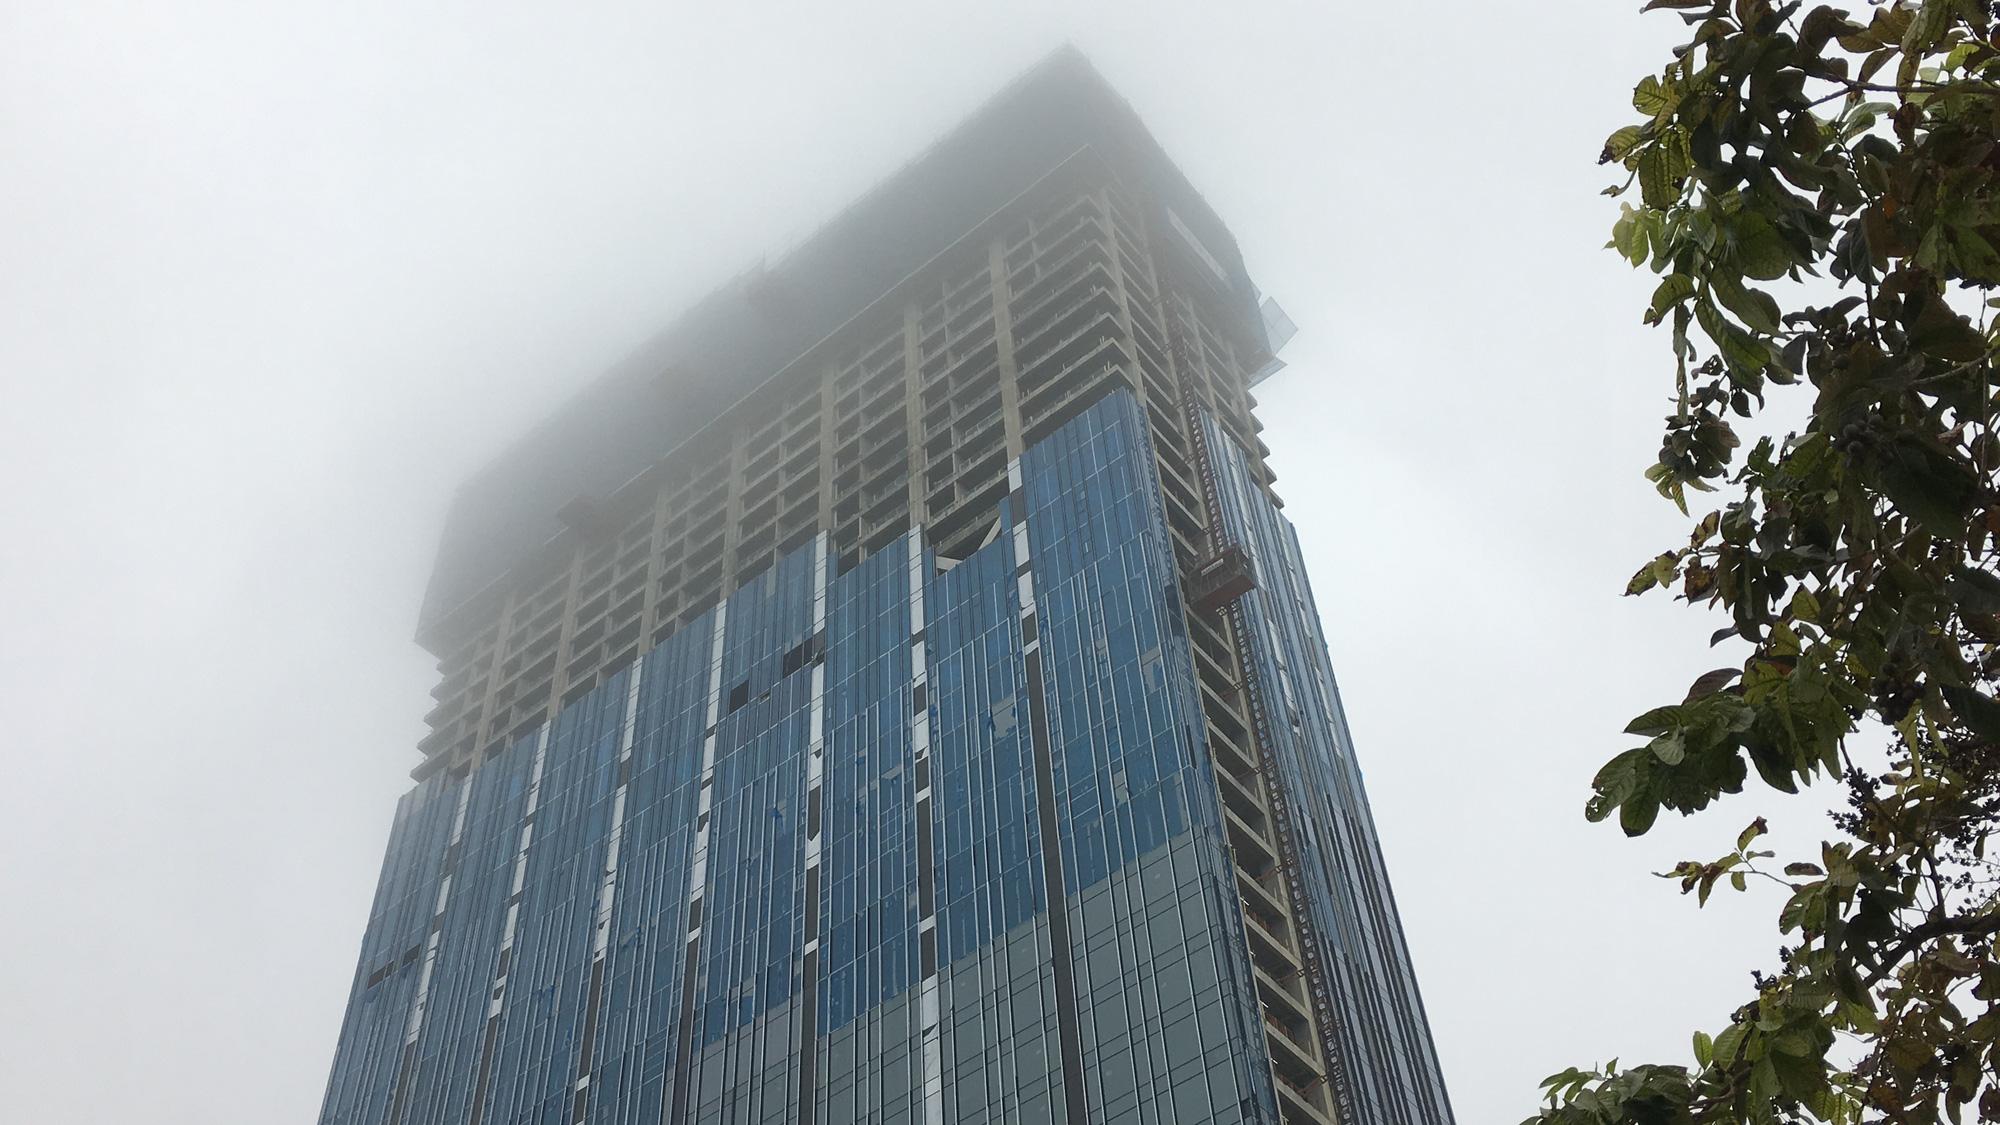 Đà Nẵng chìm trong sương mù dày đặc dù đã gần 9 giờ sáng - Ảnh 4.